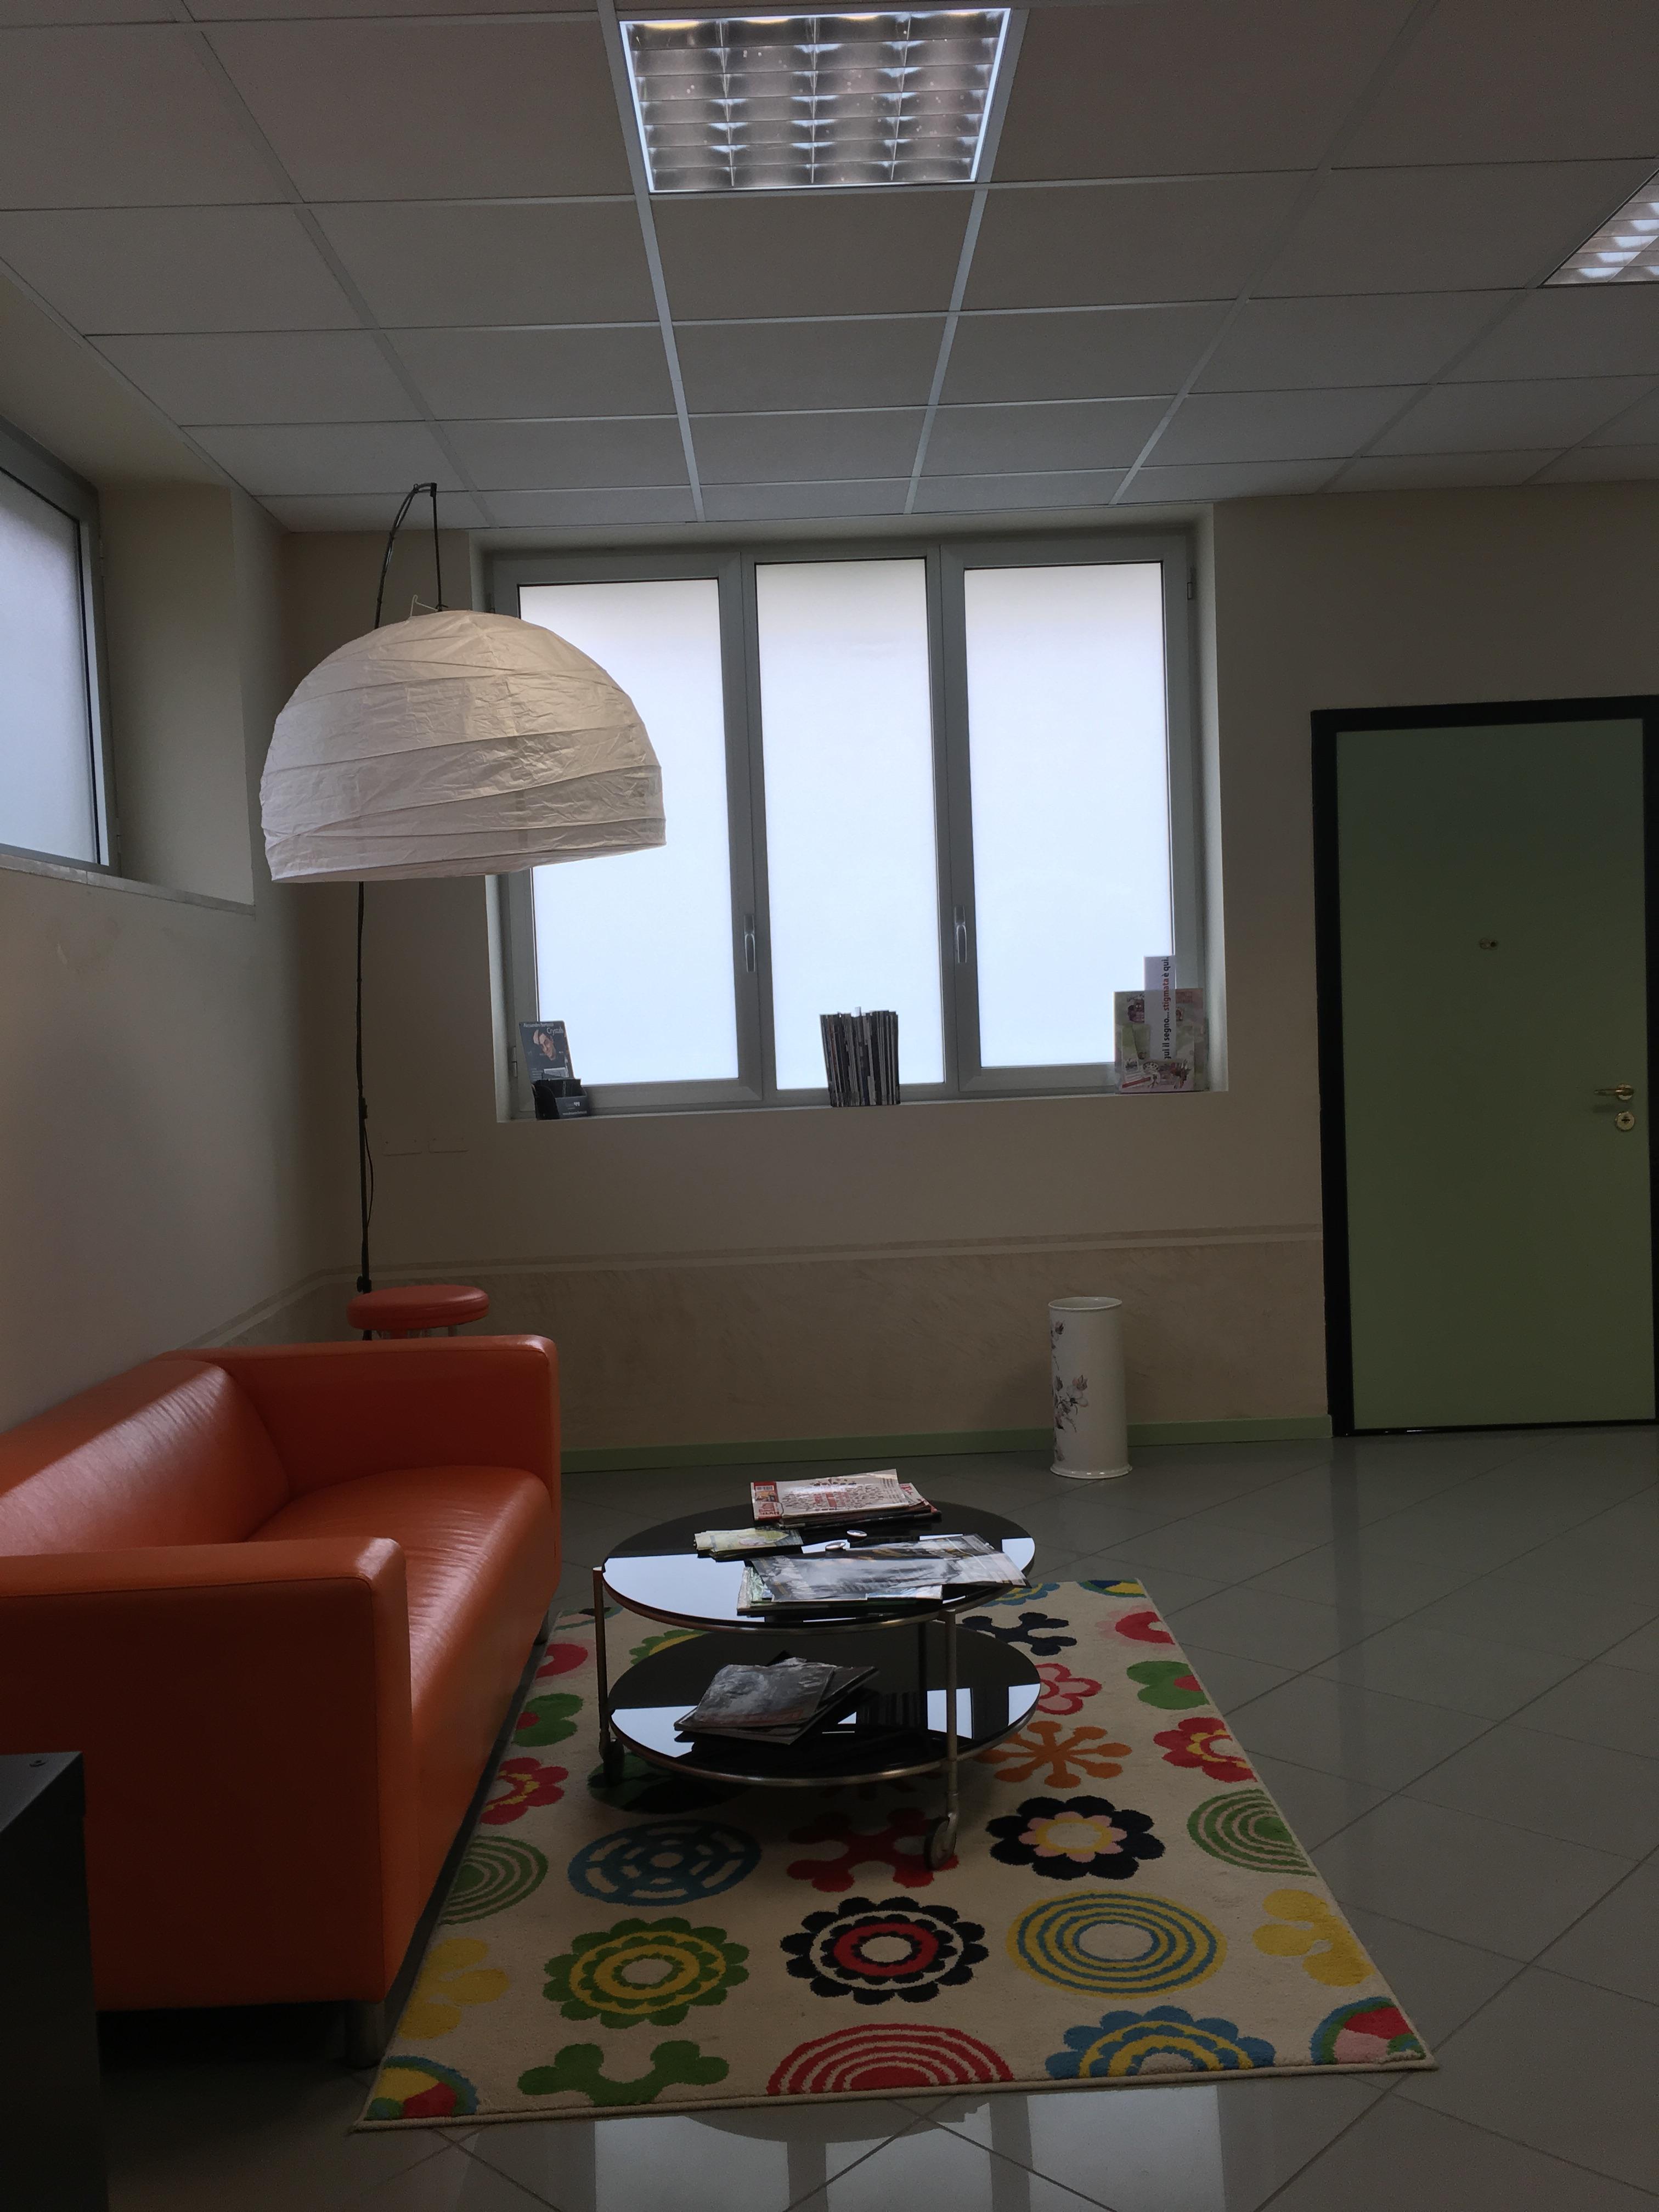 0250 piacenza ufficio ambulatorio palestra low cost for Pareti divisorie ufficio low cost